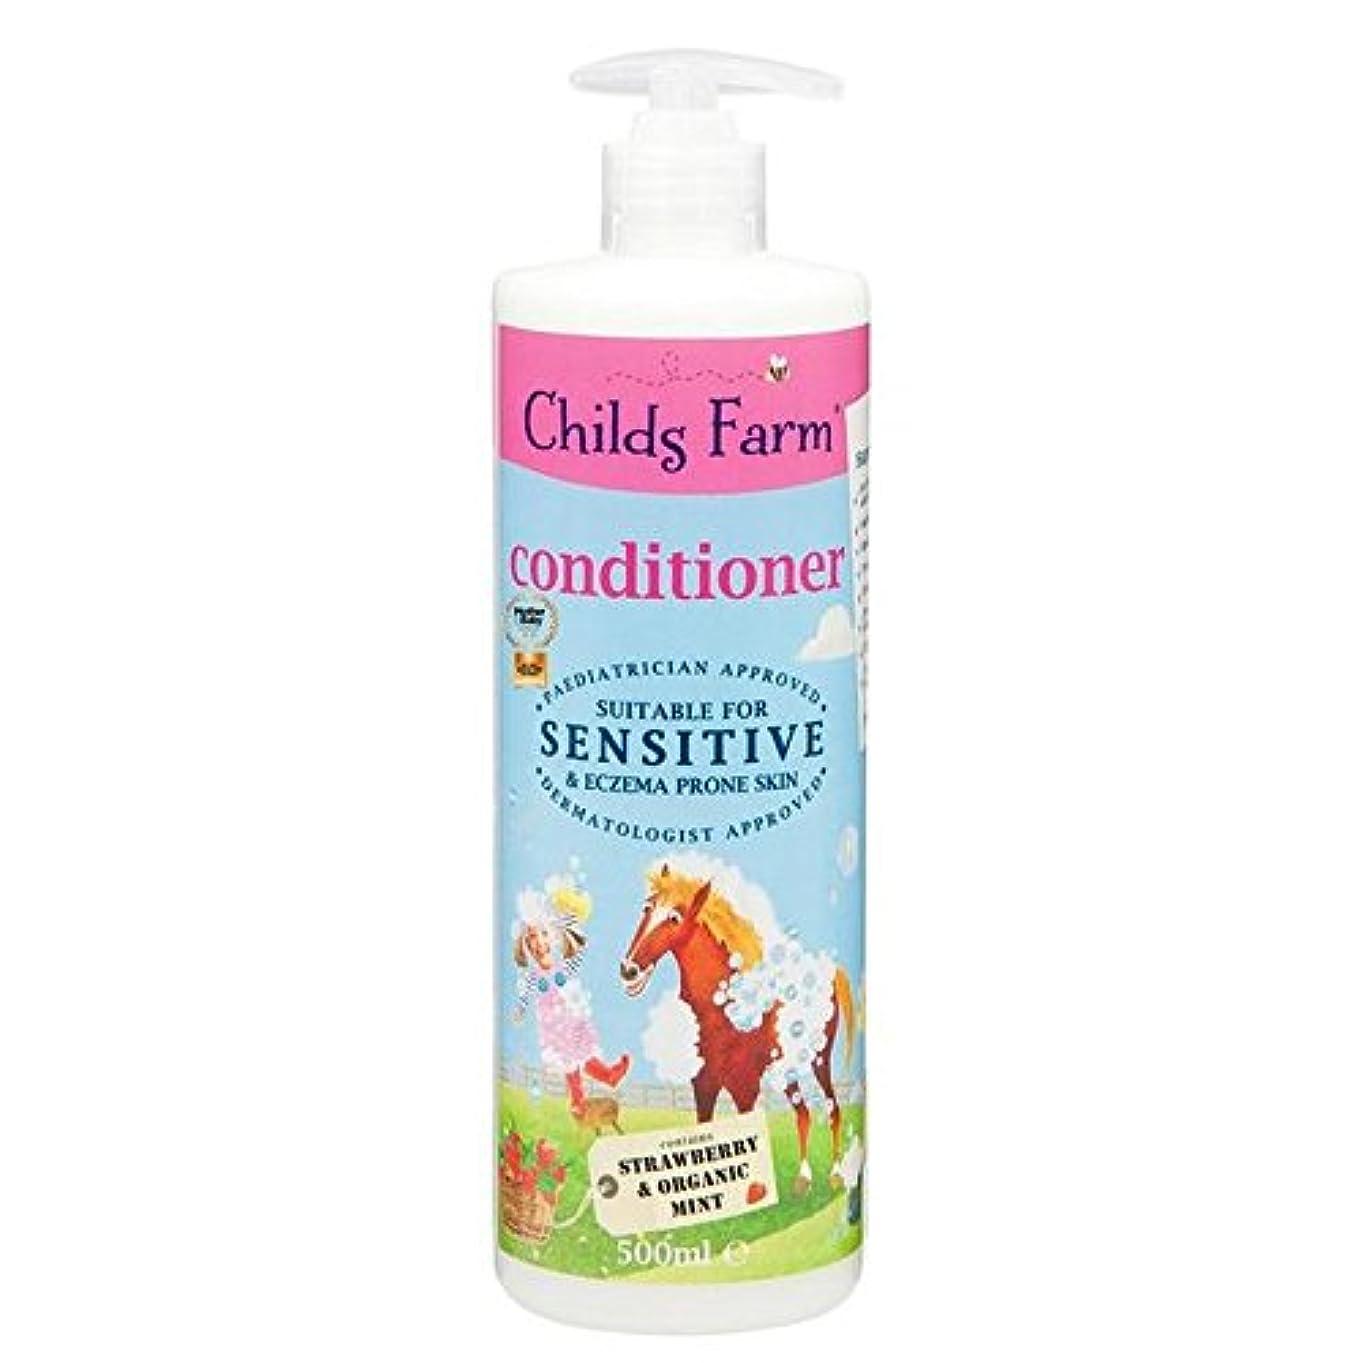 材料十分ではないプライバシーChilds Farm Conditioner for Unruly Hair 500ml - 手に負えない髪の500ミリリットルのためのチャイルズファームコンディショナー [並行輸入品]